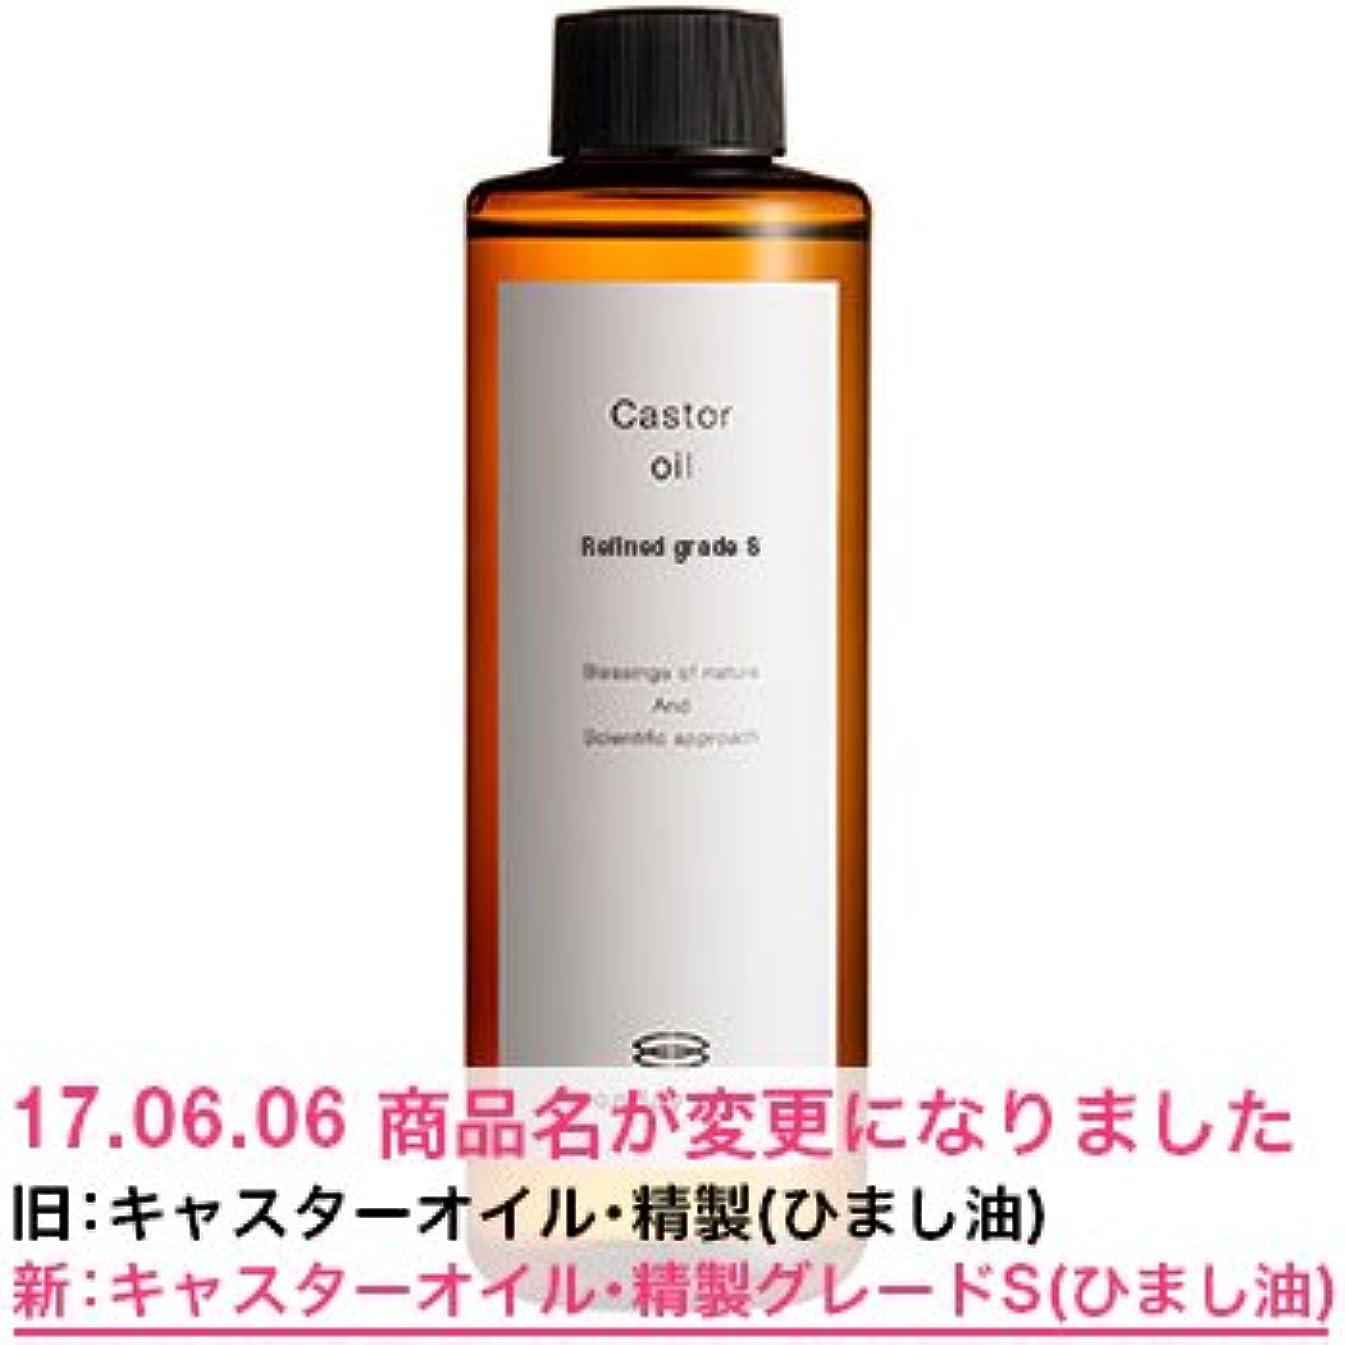 マント乱す気楽なキャスターオイル?精製グレードS(ひまし油)/200ml